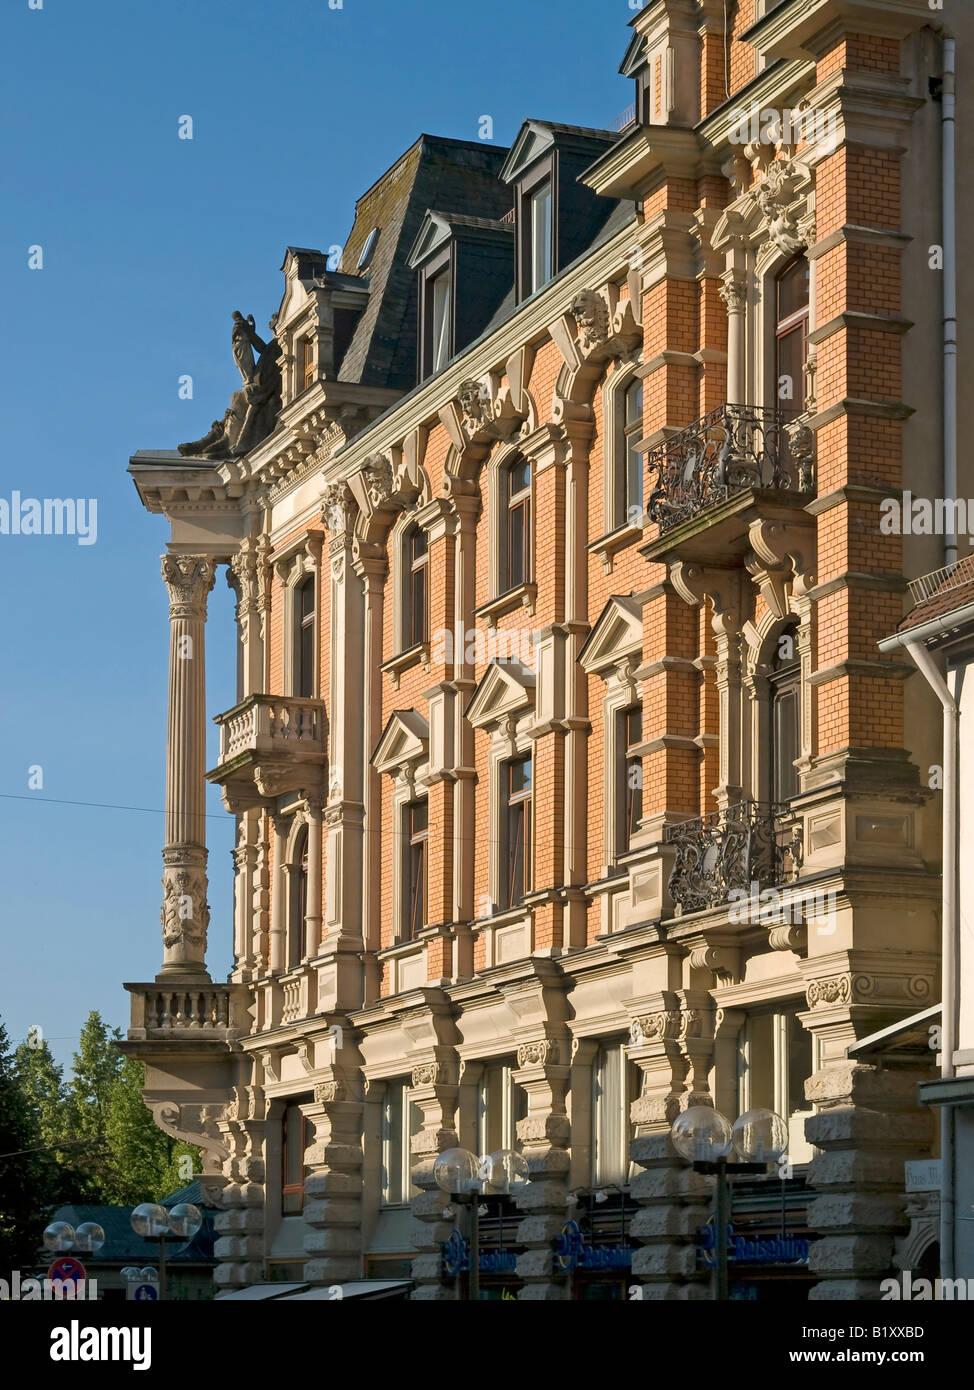 Architectural style immagini architectural style fotos for Nuove case in stile vittoriano di costruzione